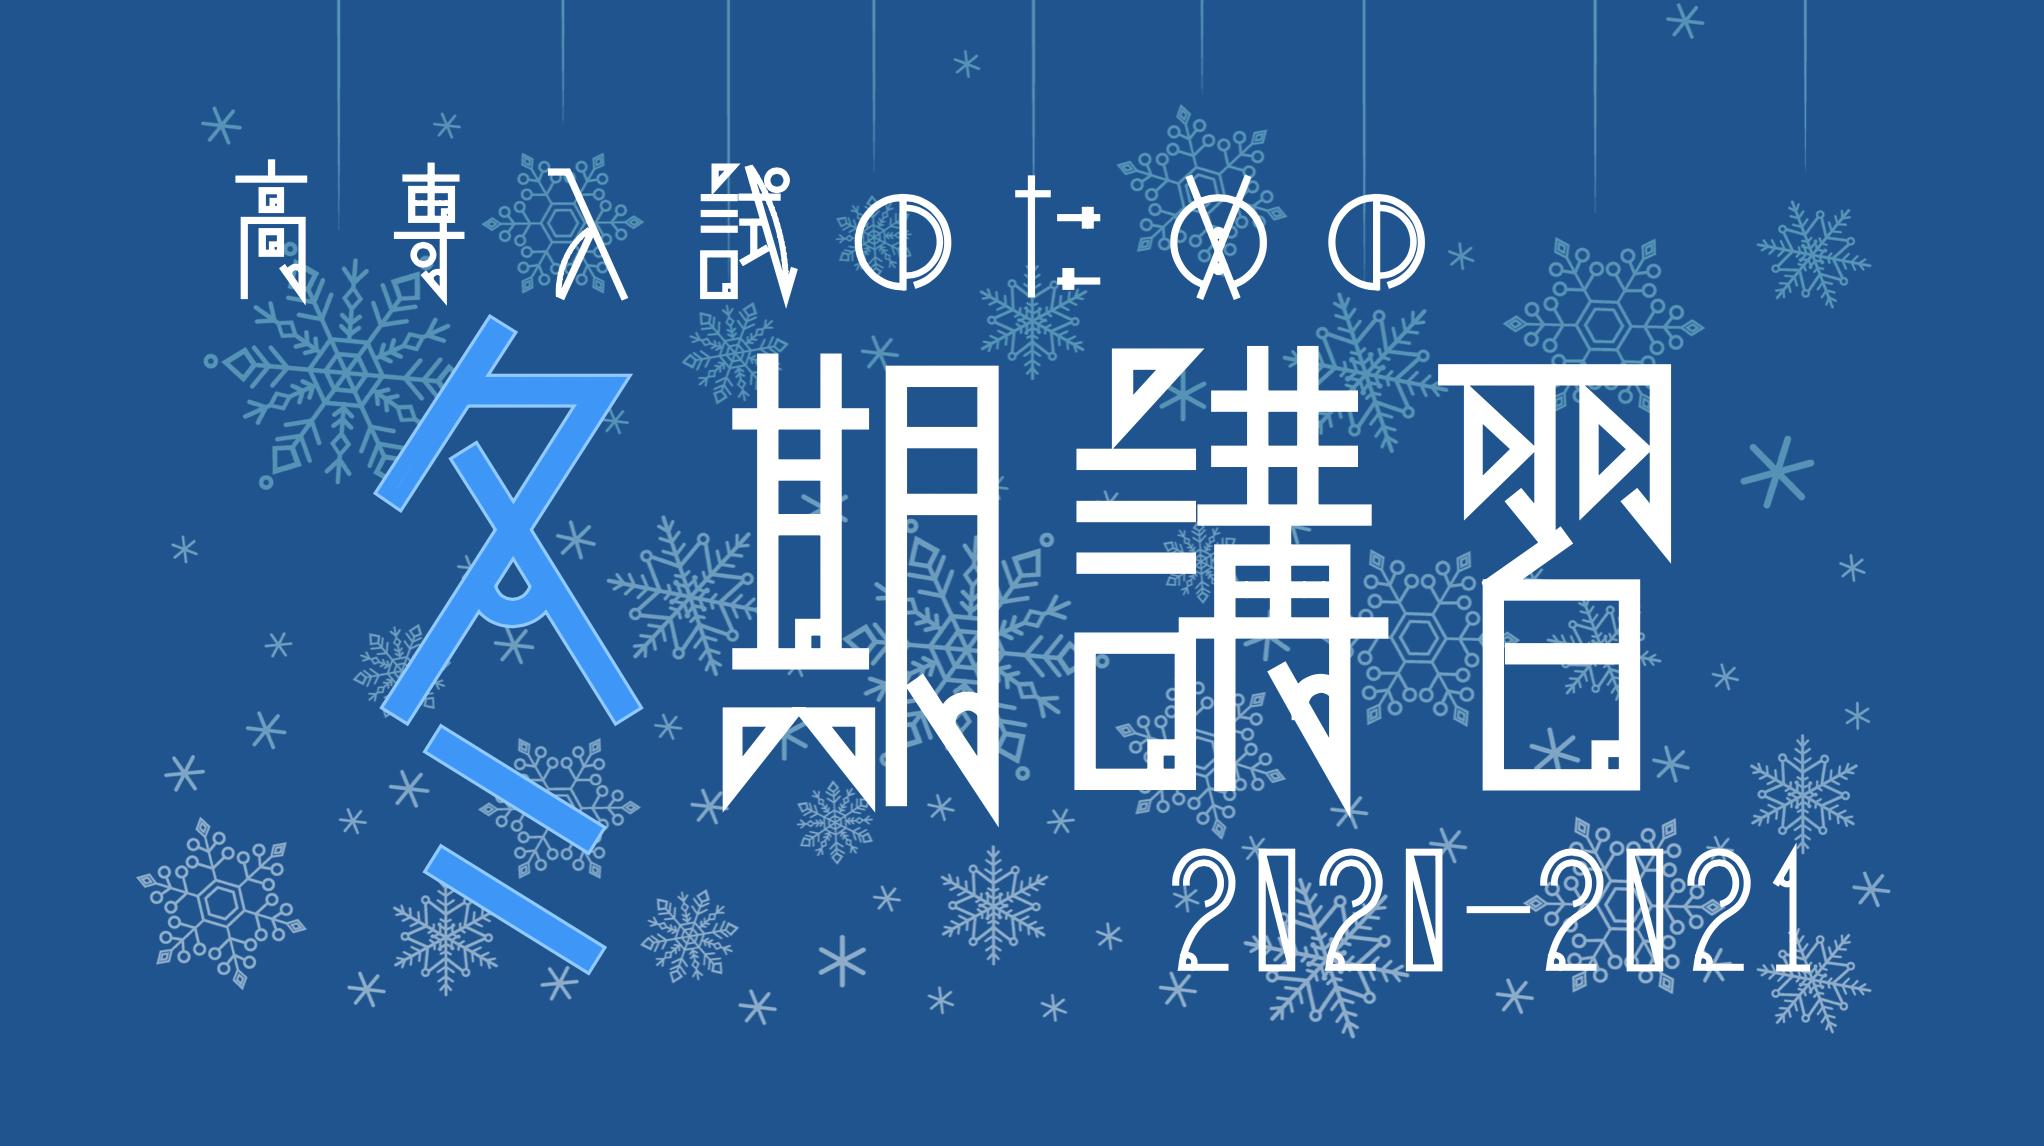 高専入試のための冬期講習2020-2021 開講!!のイメージ